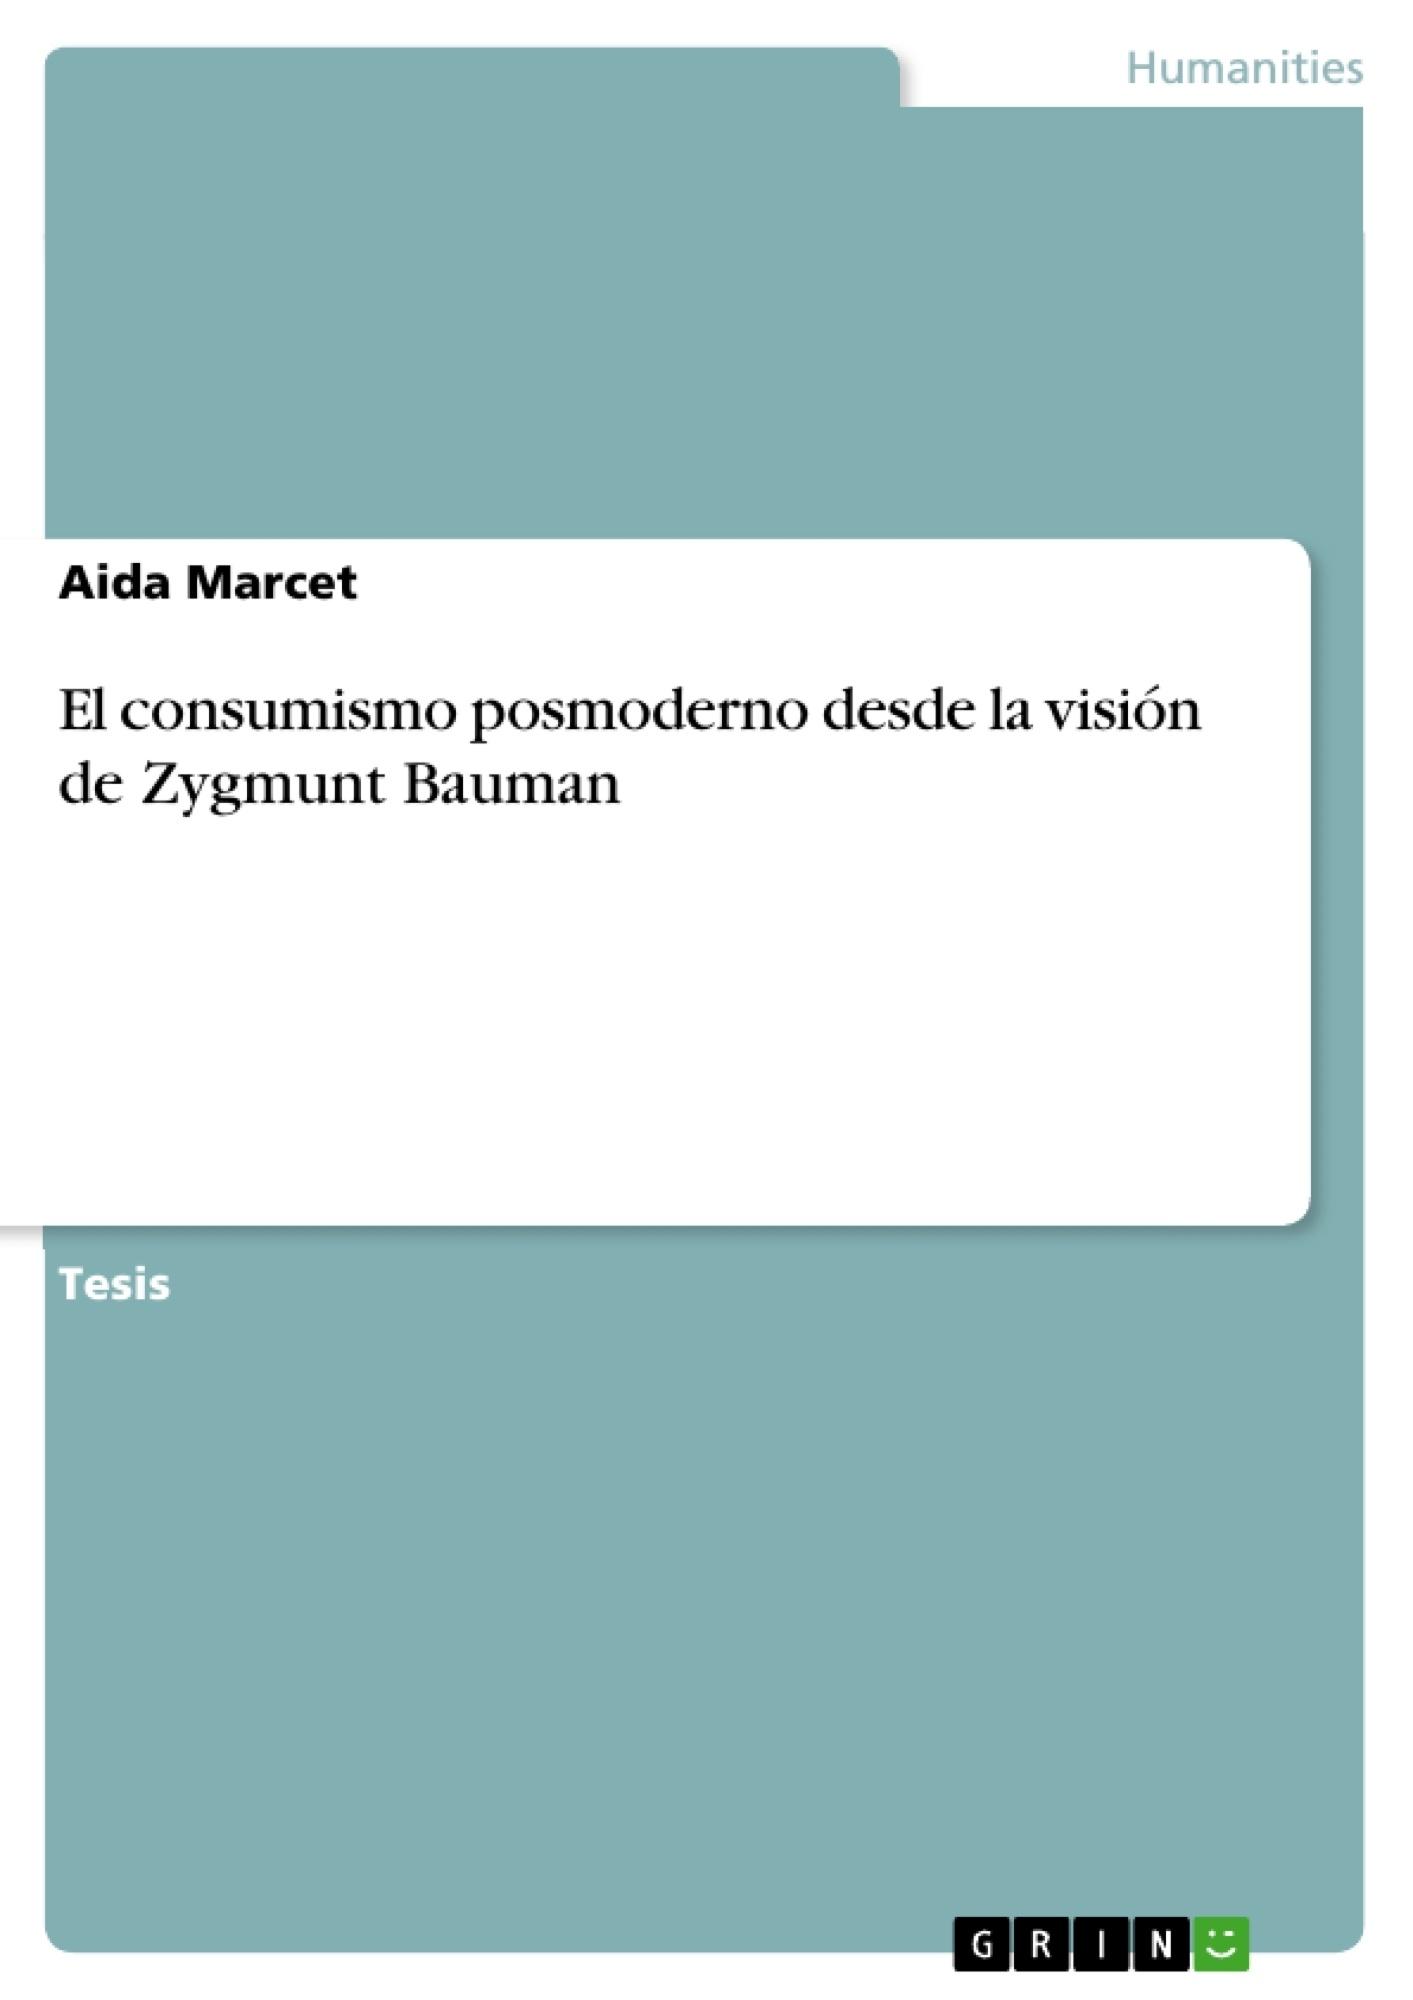 Título: El consumismo posmoderno desde la visión de Zygmunt Bauman